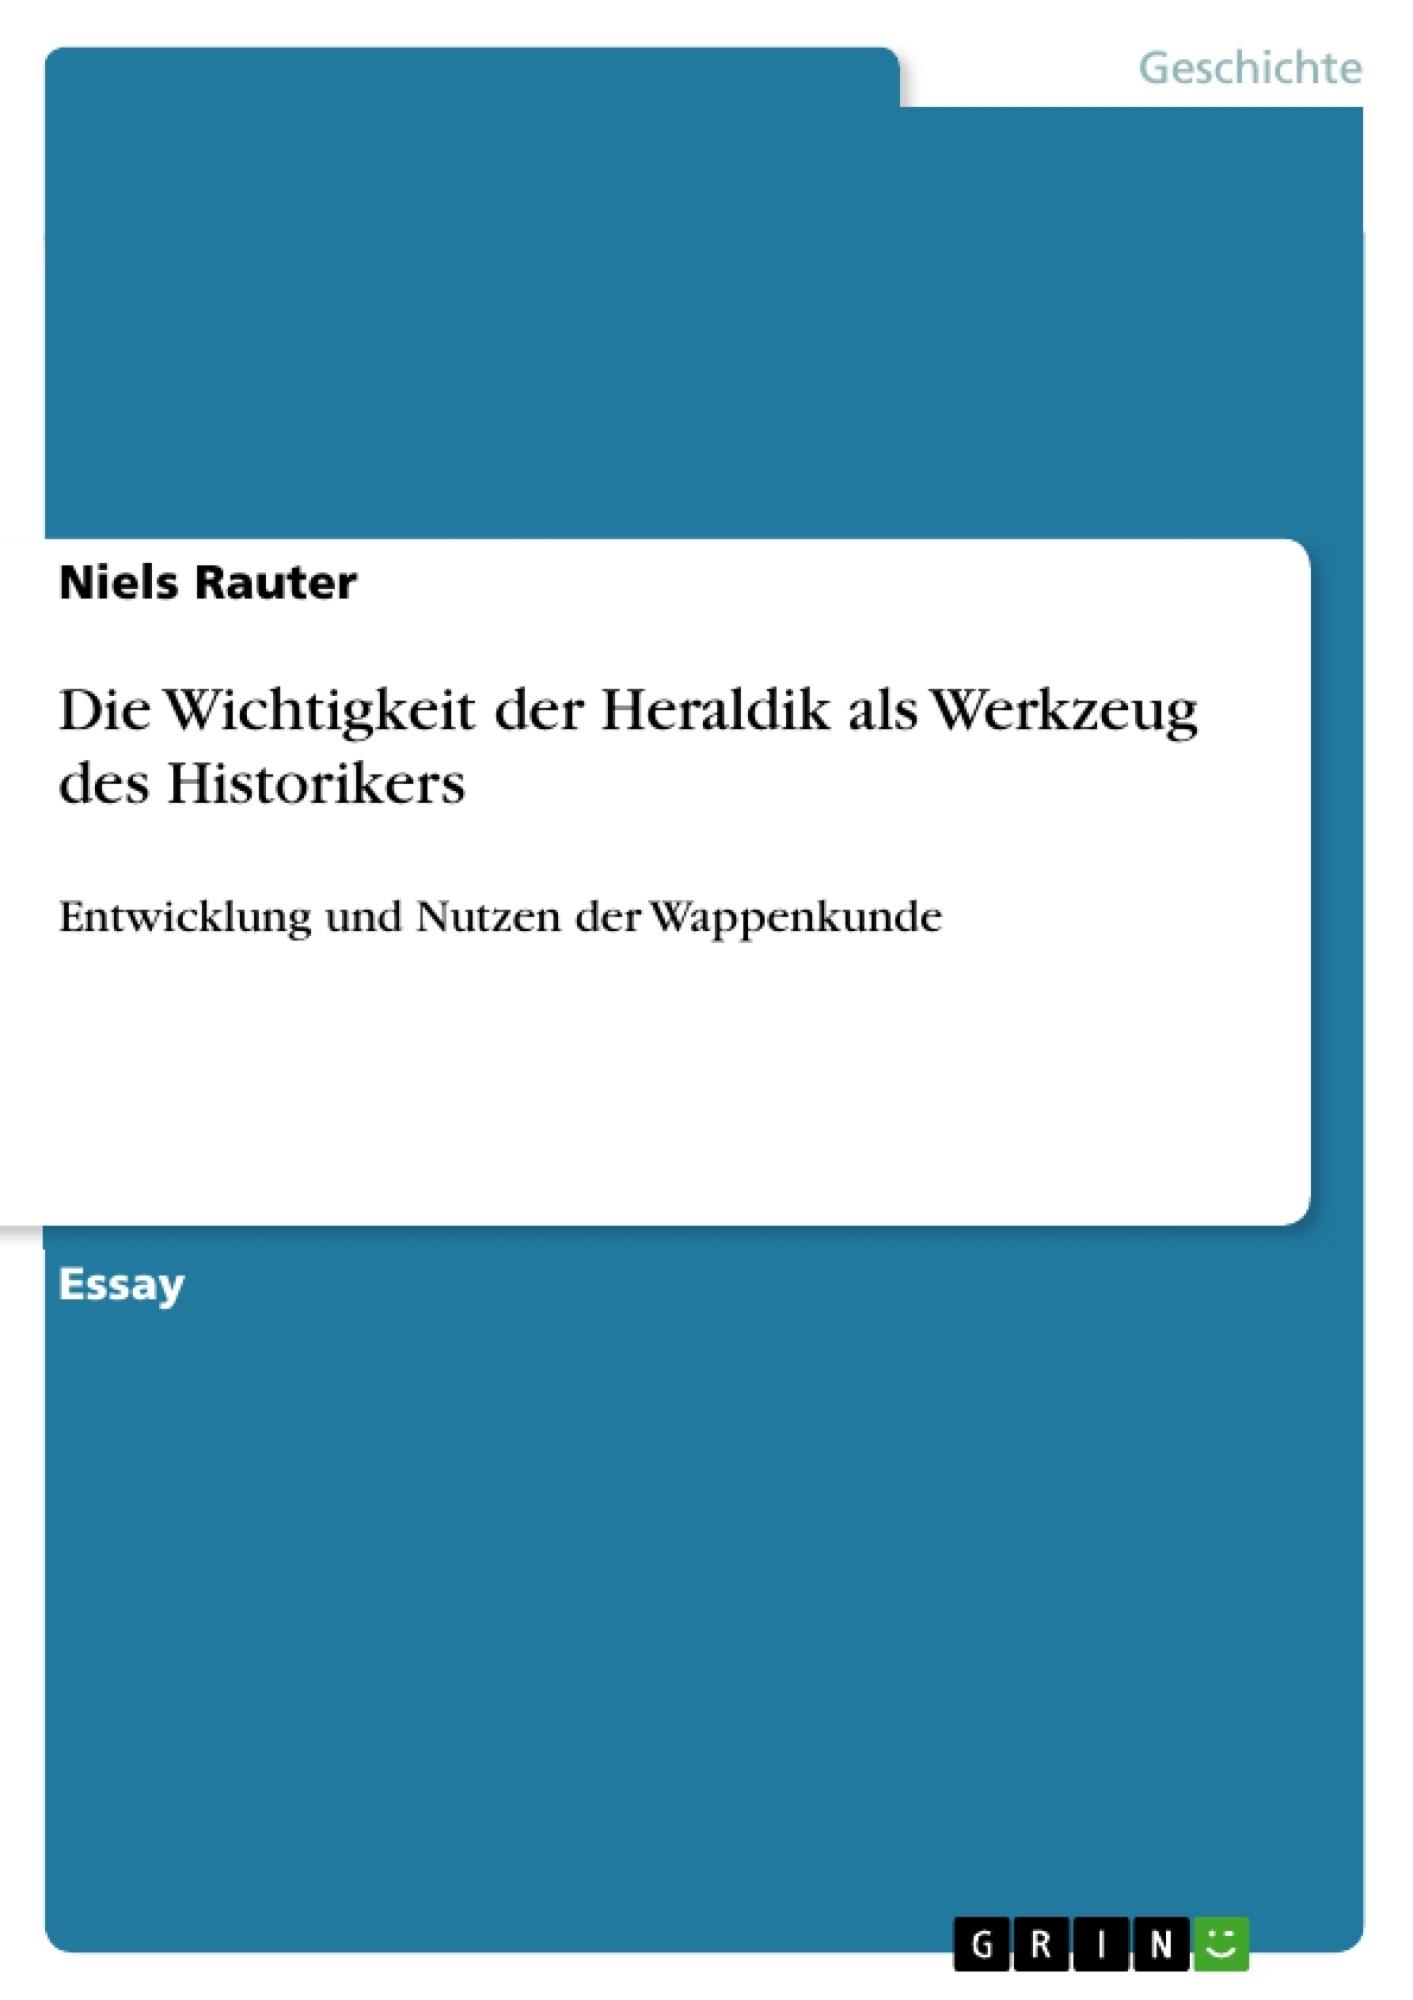 Titel: Die Wichtigkeit der Heraldik als Werkzeug des Historikers